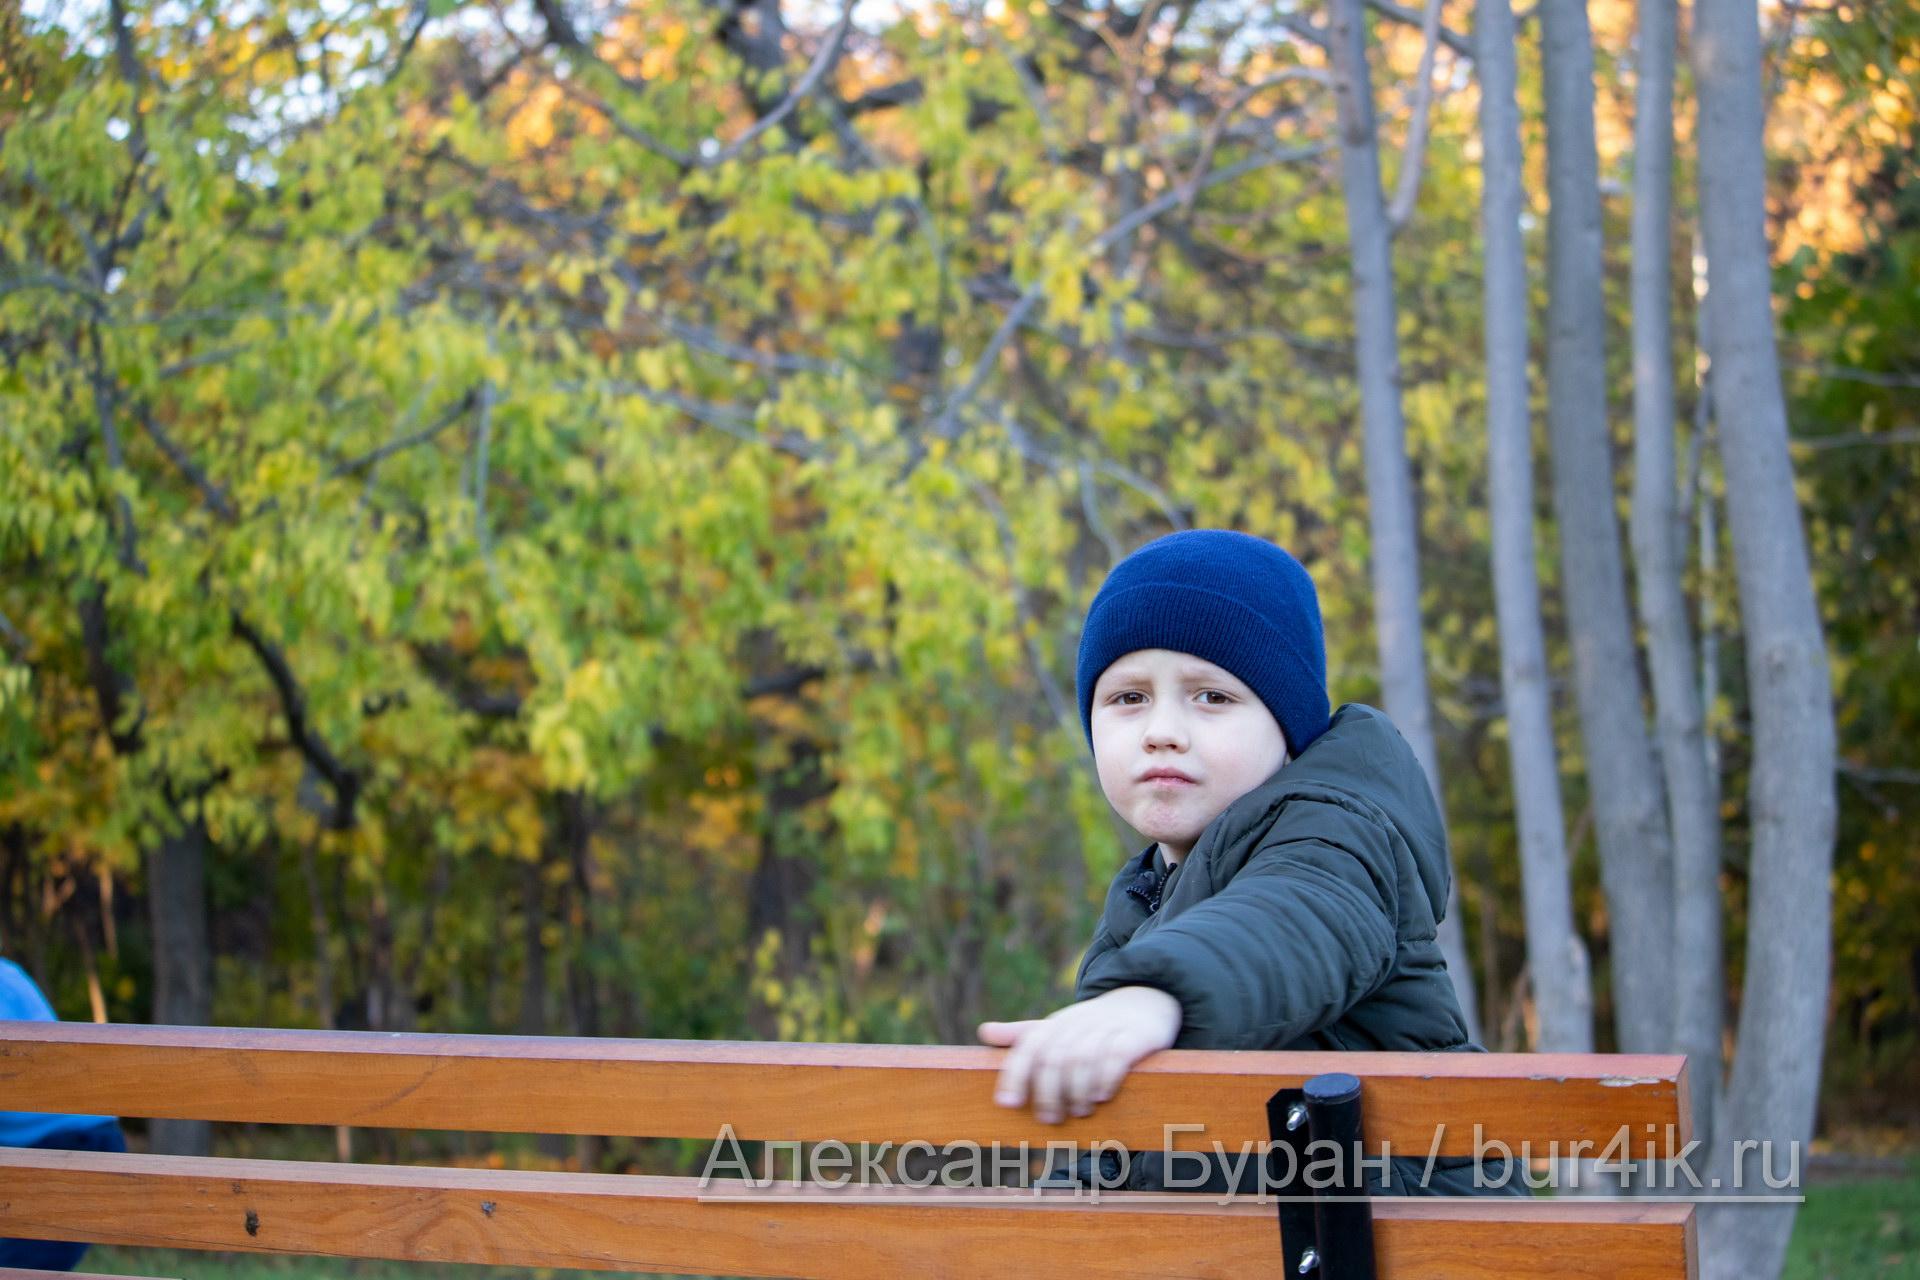 Мальчик сидит на скамейке в перерыве в осеннем парке